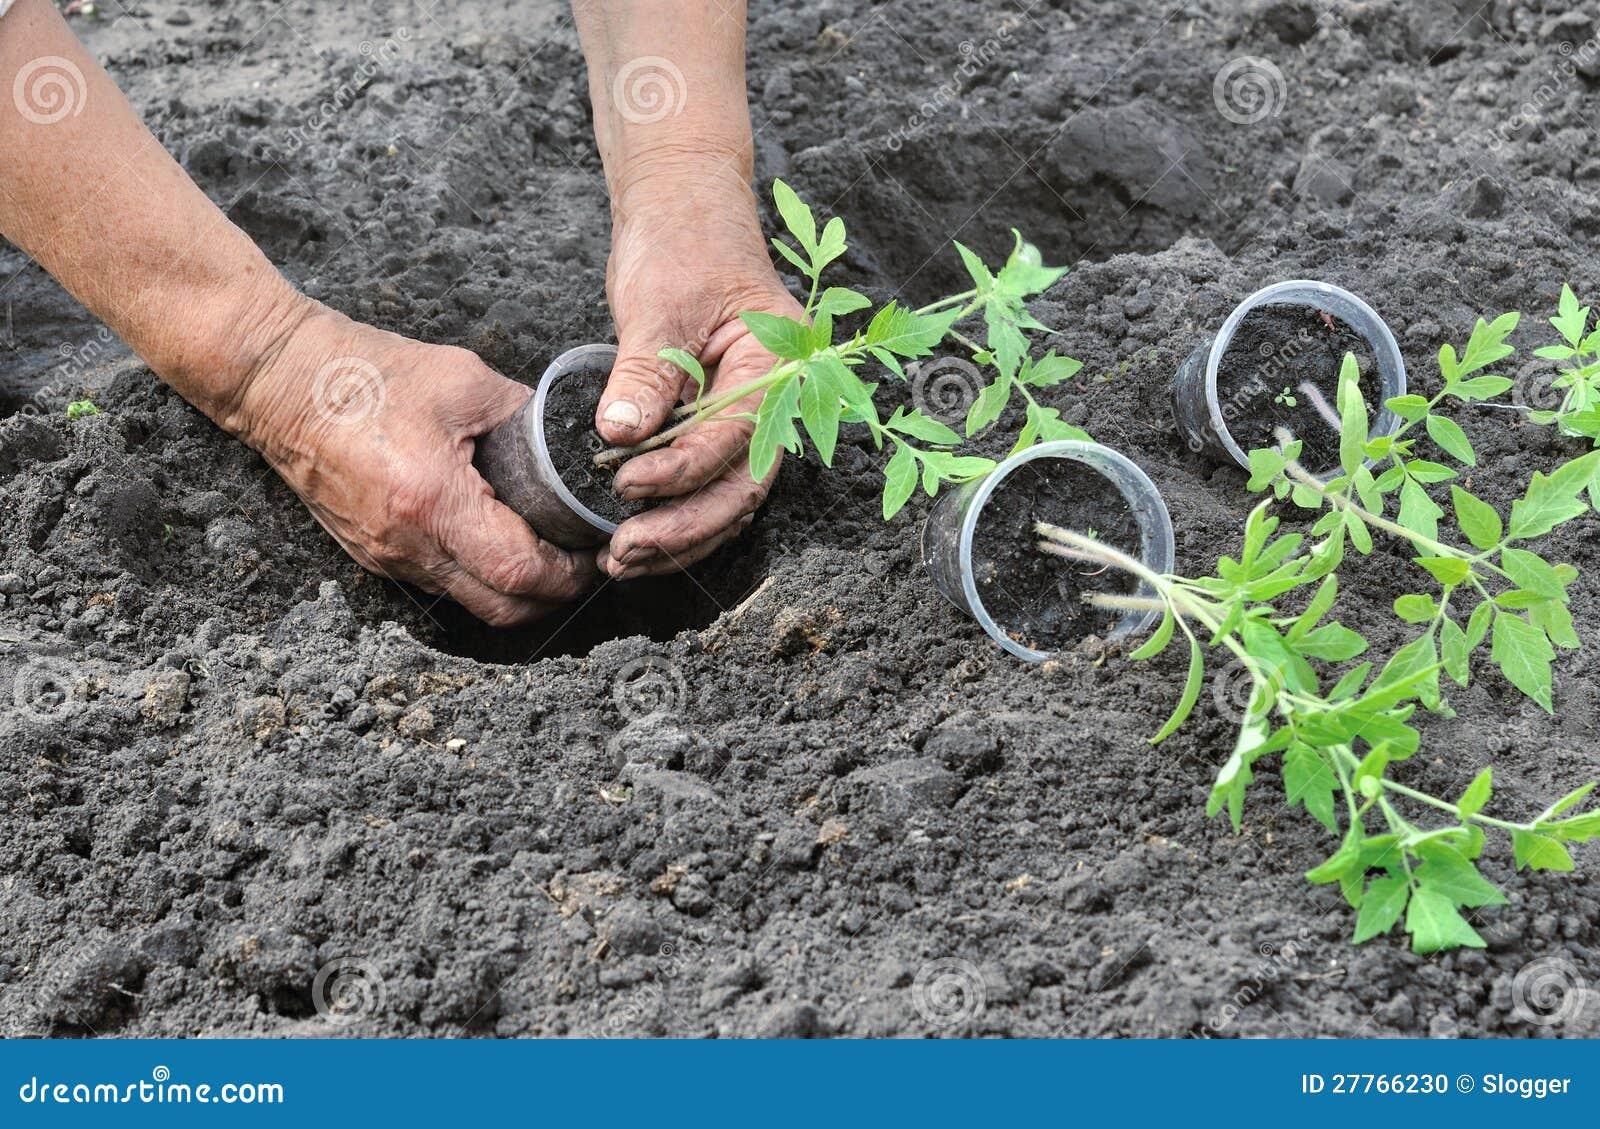 Когда сажать рассаду помидор в 2018 году по лунному календарю